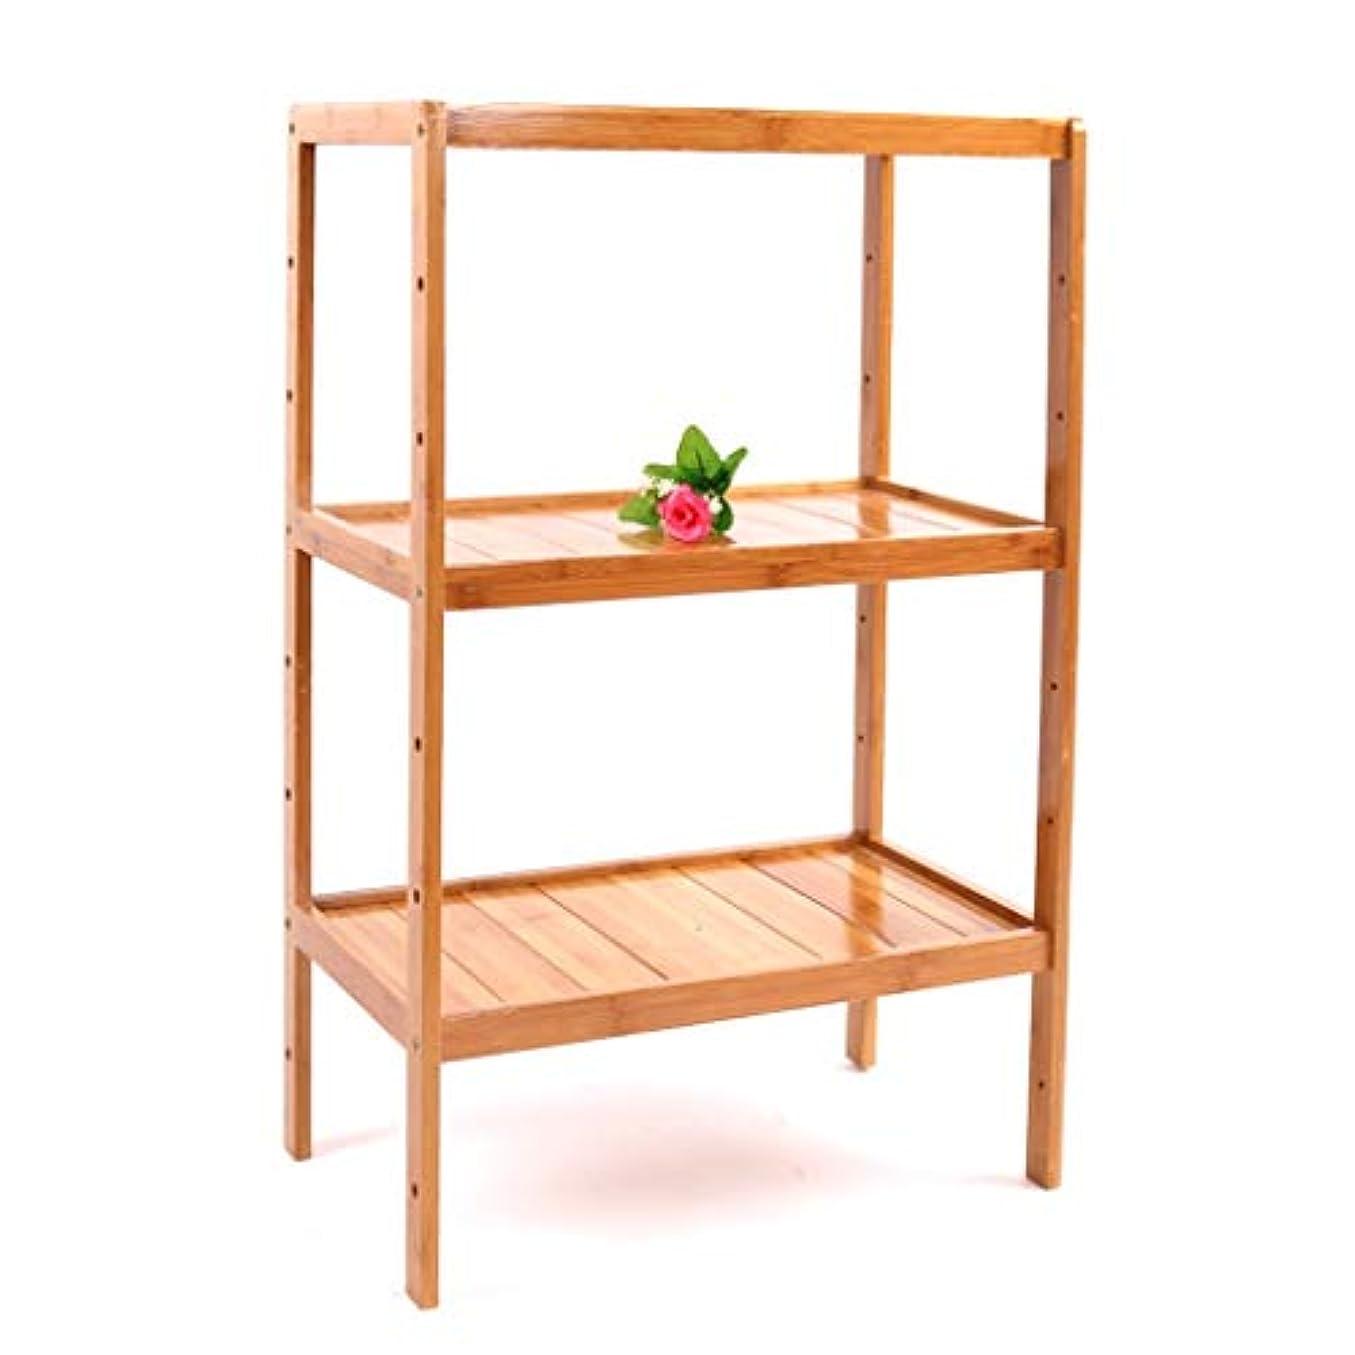 表面ショッキング連邦家庭用棚収納ラック小さな本棚リビングルームキッチン収納棚三層竹 (Color : WOOD COLOR, Size : 62*30*80CM)